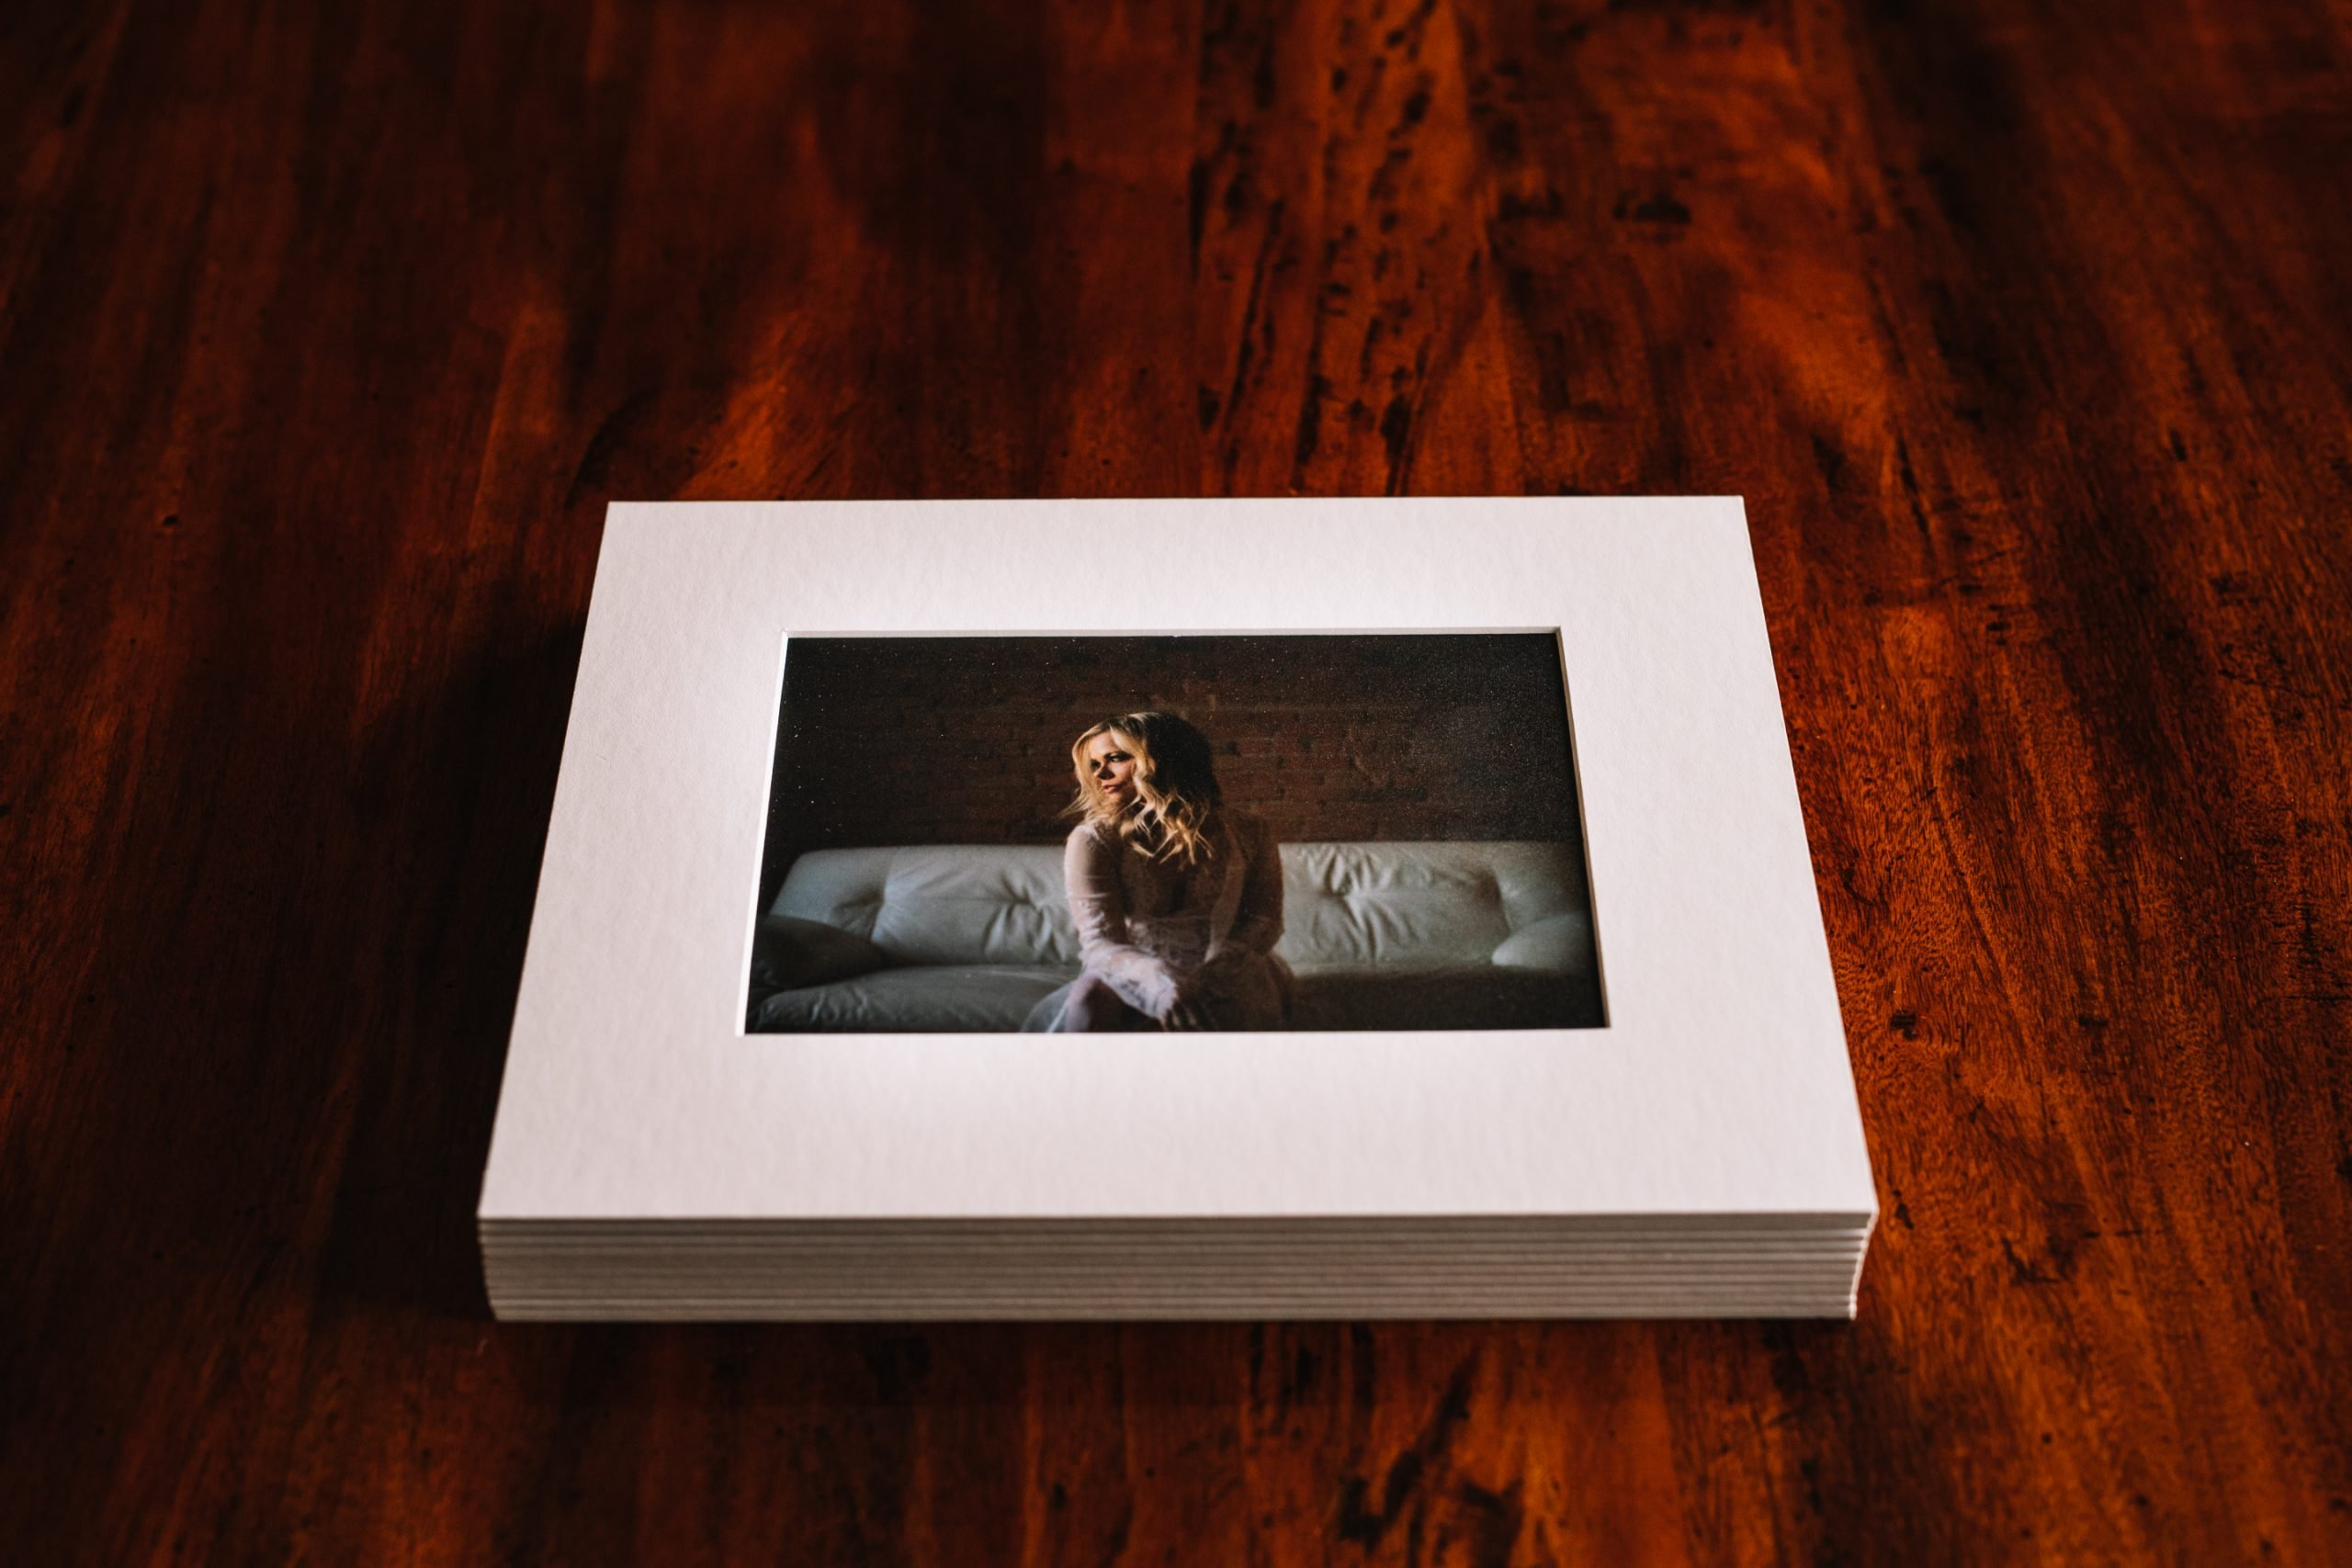 anita jeanine photography, boudoir, boudoir album, boudoir book, boudoir experience, boudoir folio, boudoir folio box, boudoir packages, boudoir photo box, boudoir photographers, boudoir photography alberta, boudoir products, boudoir shoot, boudoir tips for clients, calgary boudoir, calgary boudoir photographer, calgary boudoir photographers, calgary boudoir photography, calgary photographers, fine art folio